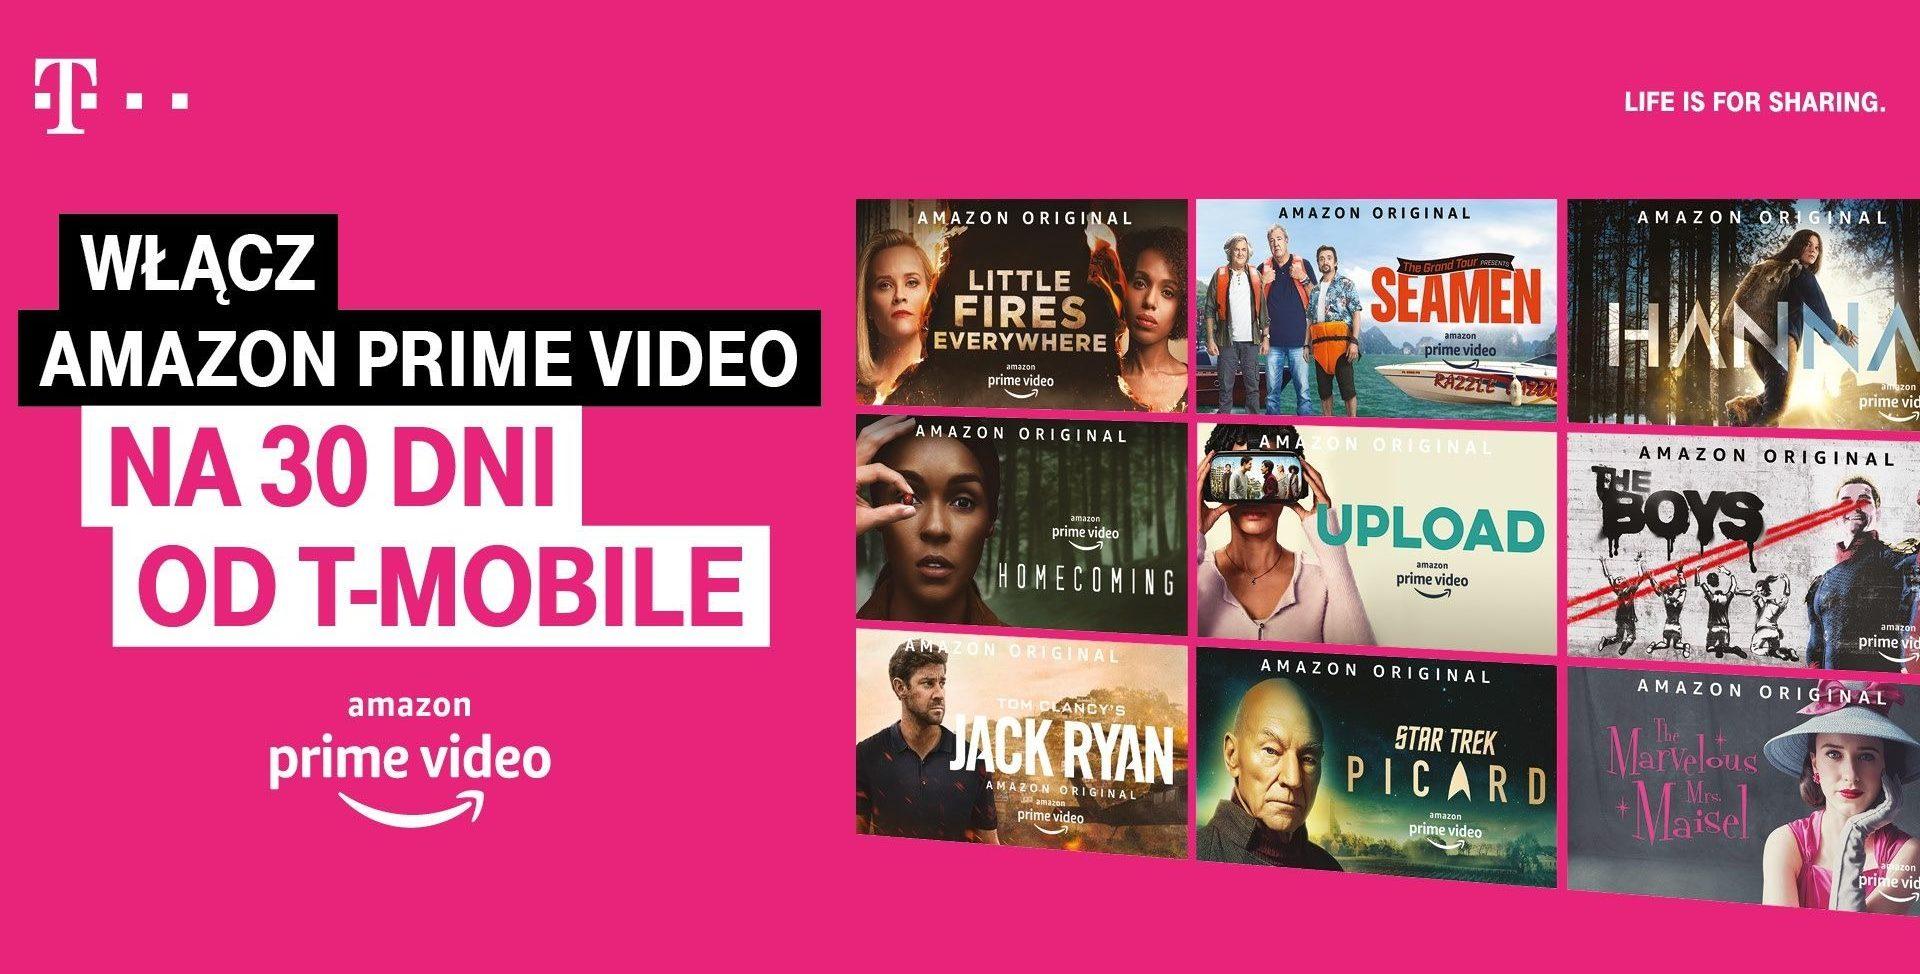 Miesiąc darmowego Amazon Prime Video oraz zniżka na zakup smartfona dla klientów T-Mobile 19